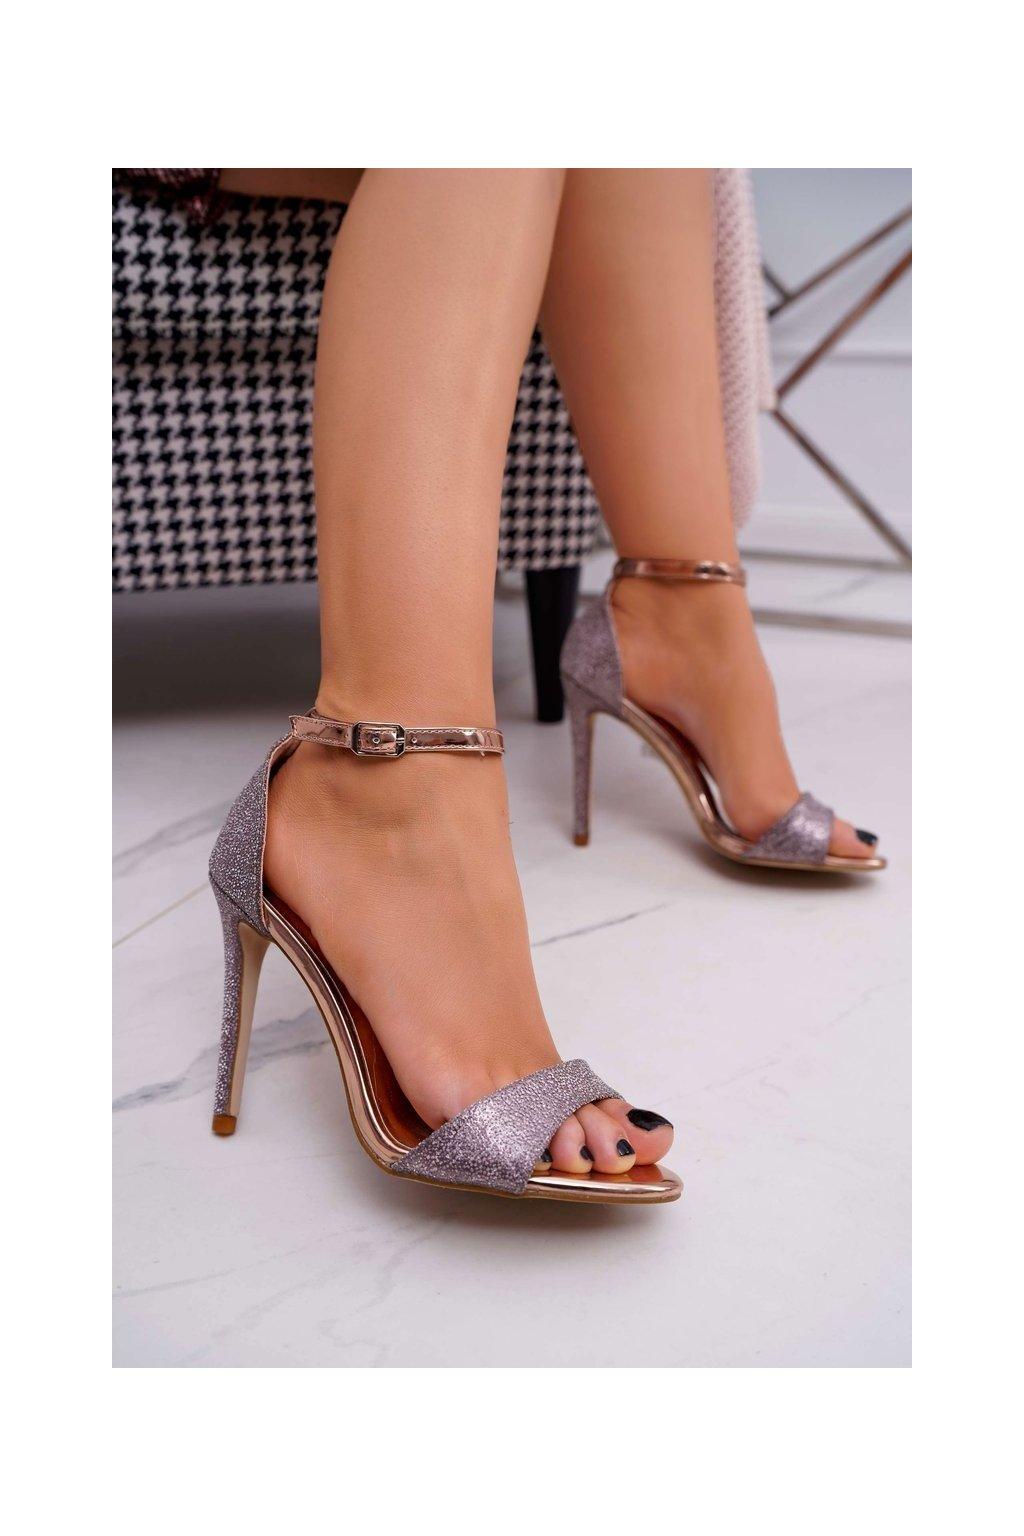 Dámske sandále na podpätku s brokátom Champagne Fiver TU130 CHAMPAGNE